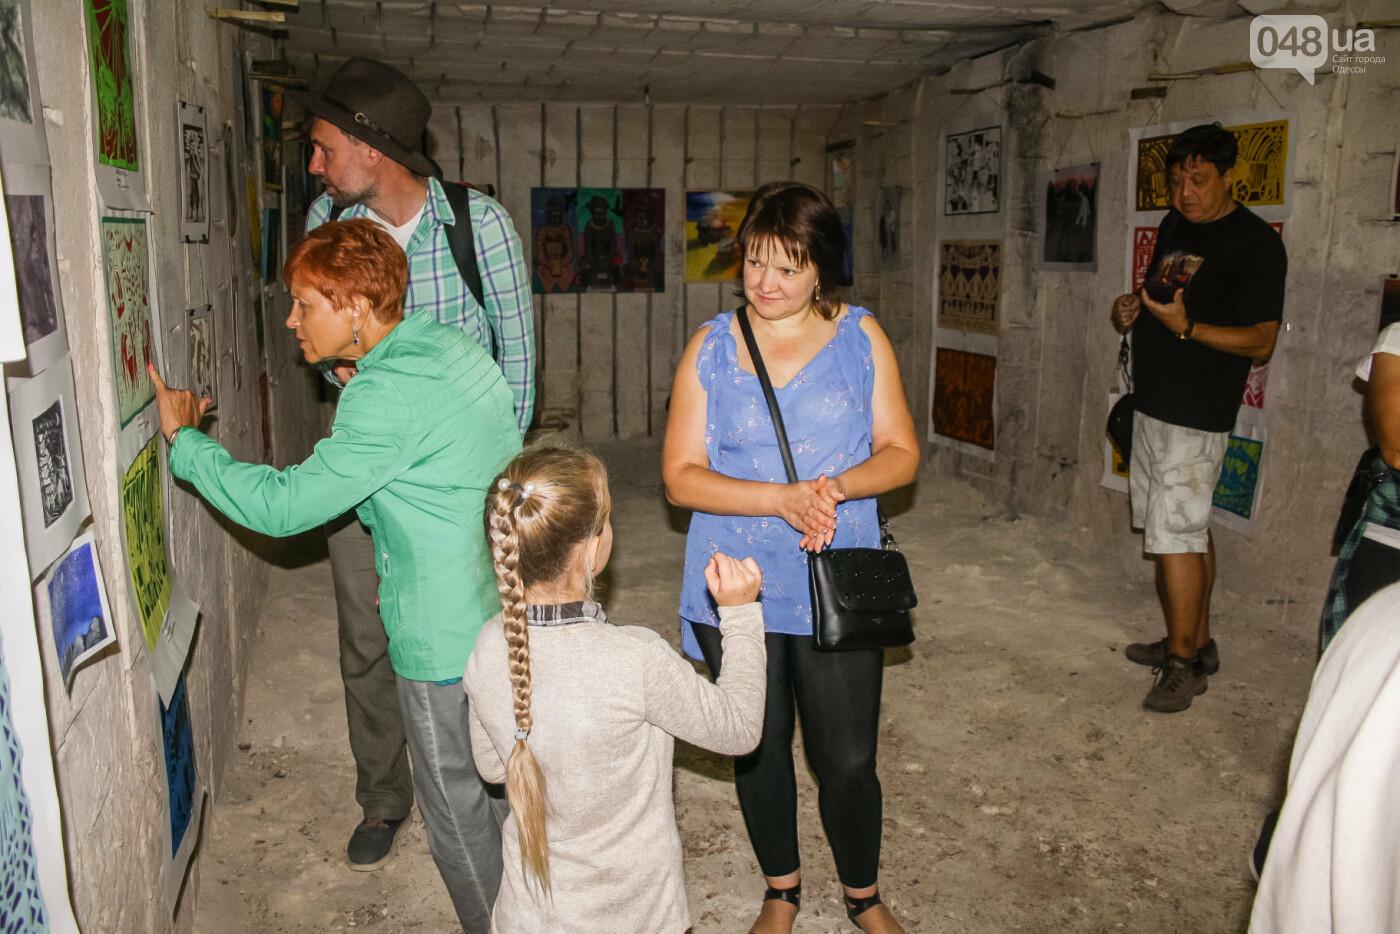 В Одесской области открылась выставка под землей,-ФОТОРЕПОРТАЖ, фото-10